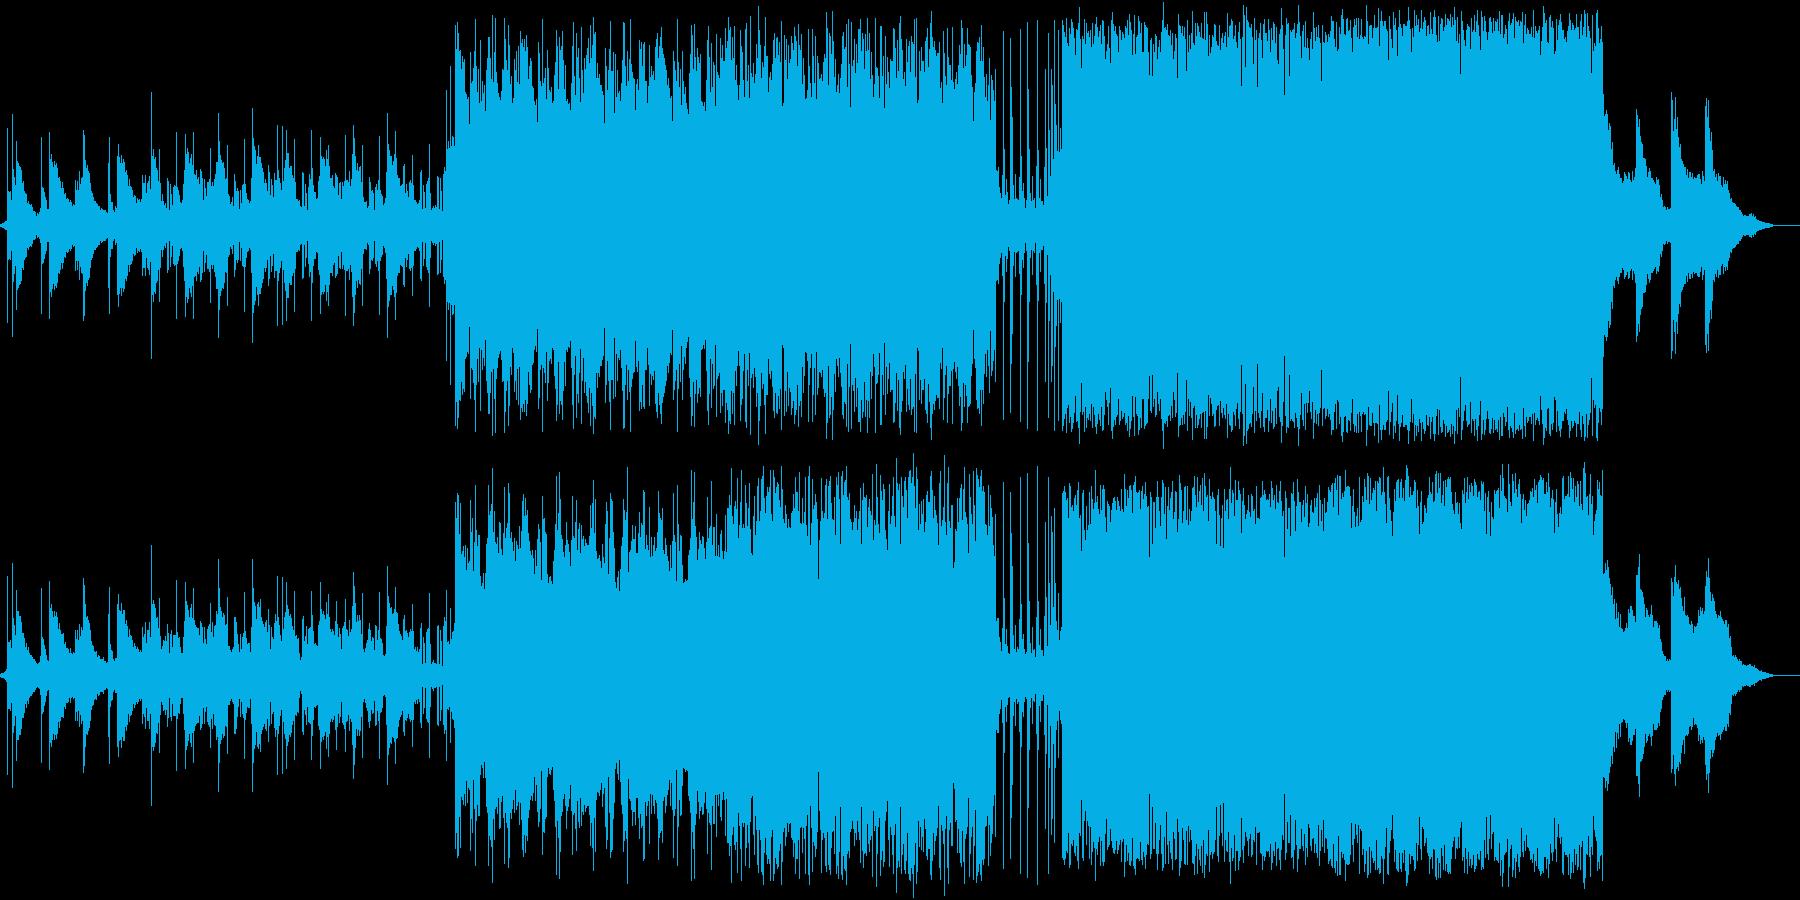 壮大な物語のようなバンドサウンドの再生済みの波形